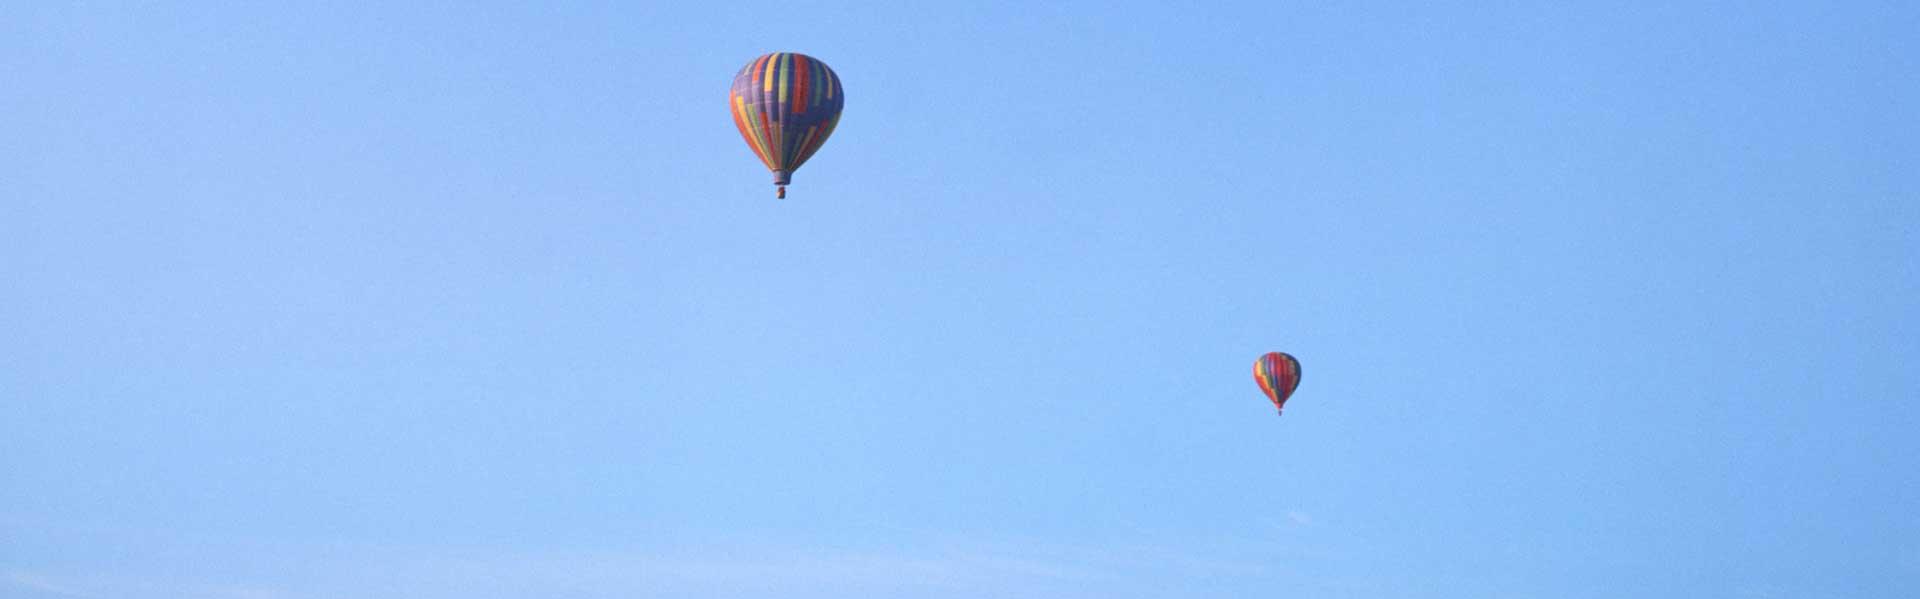 Sunrise Balloon Flight